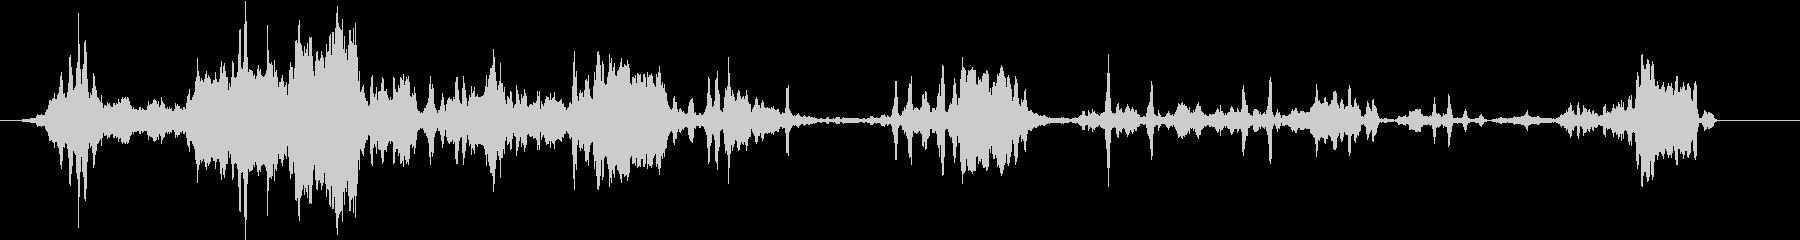 コヨーテハウル、バーク。グループの...の未再生の波形